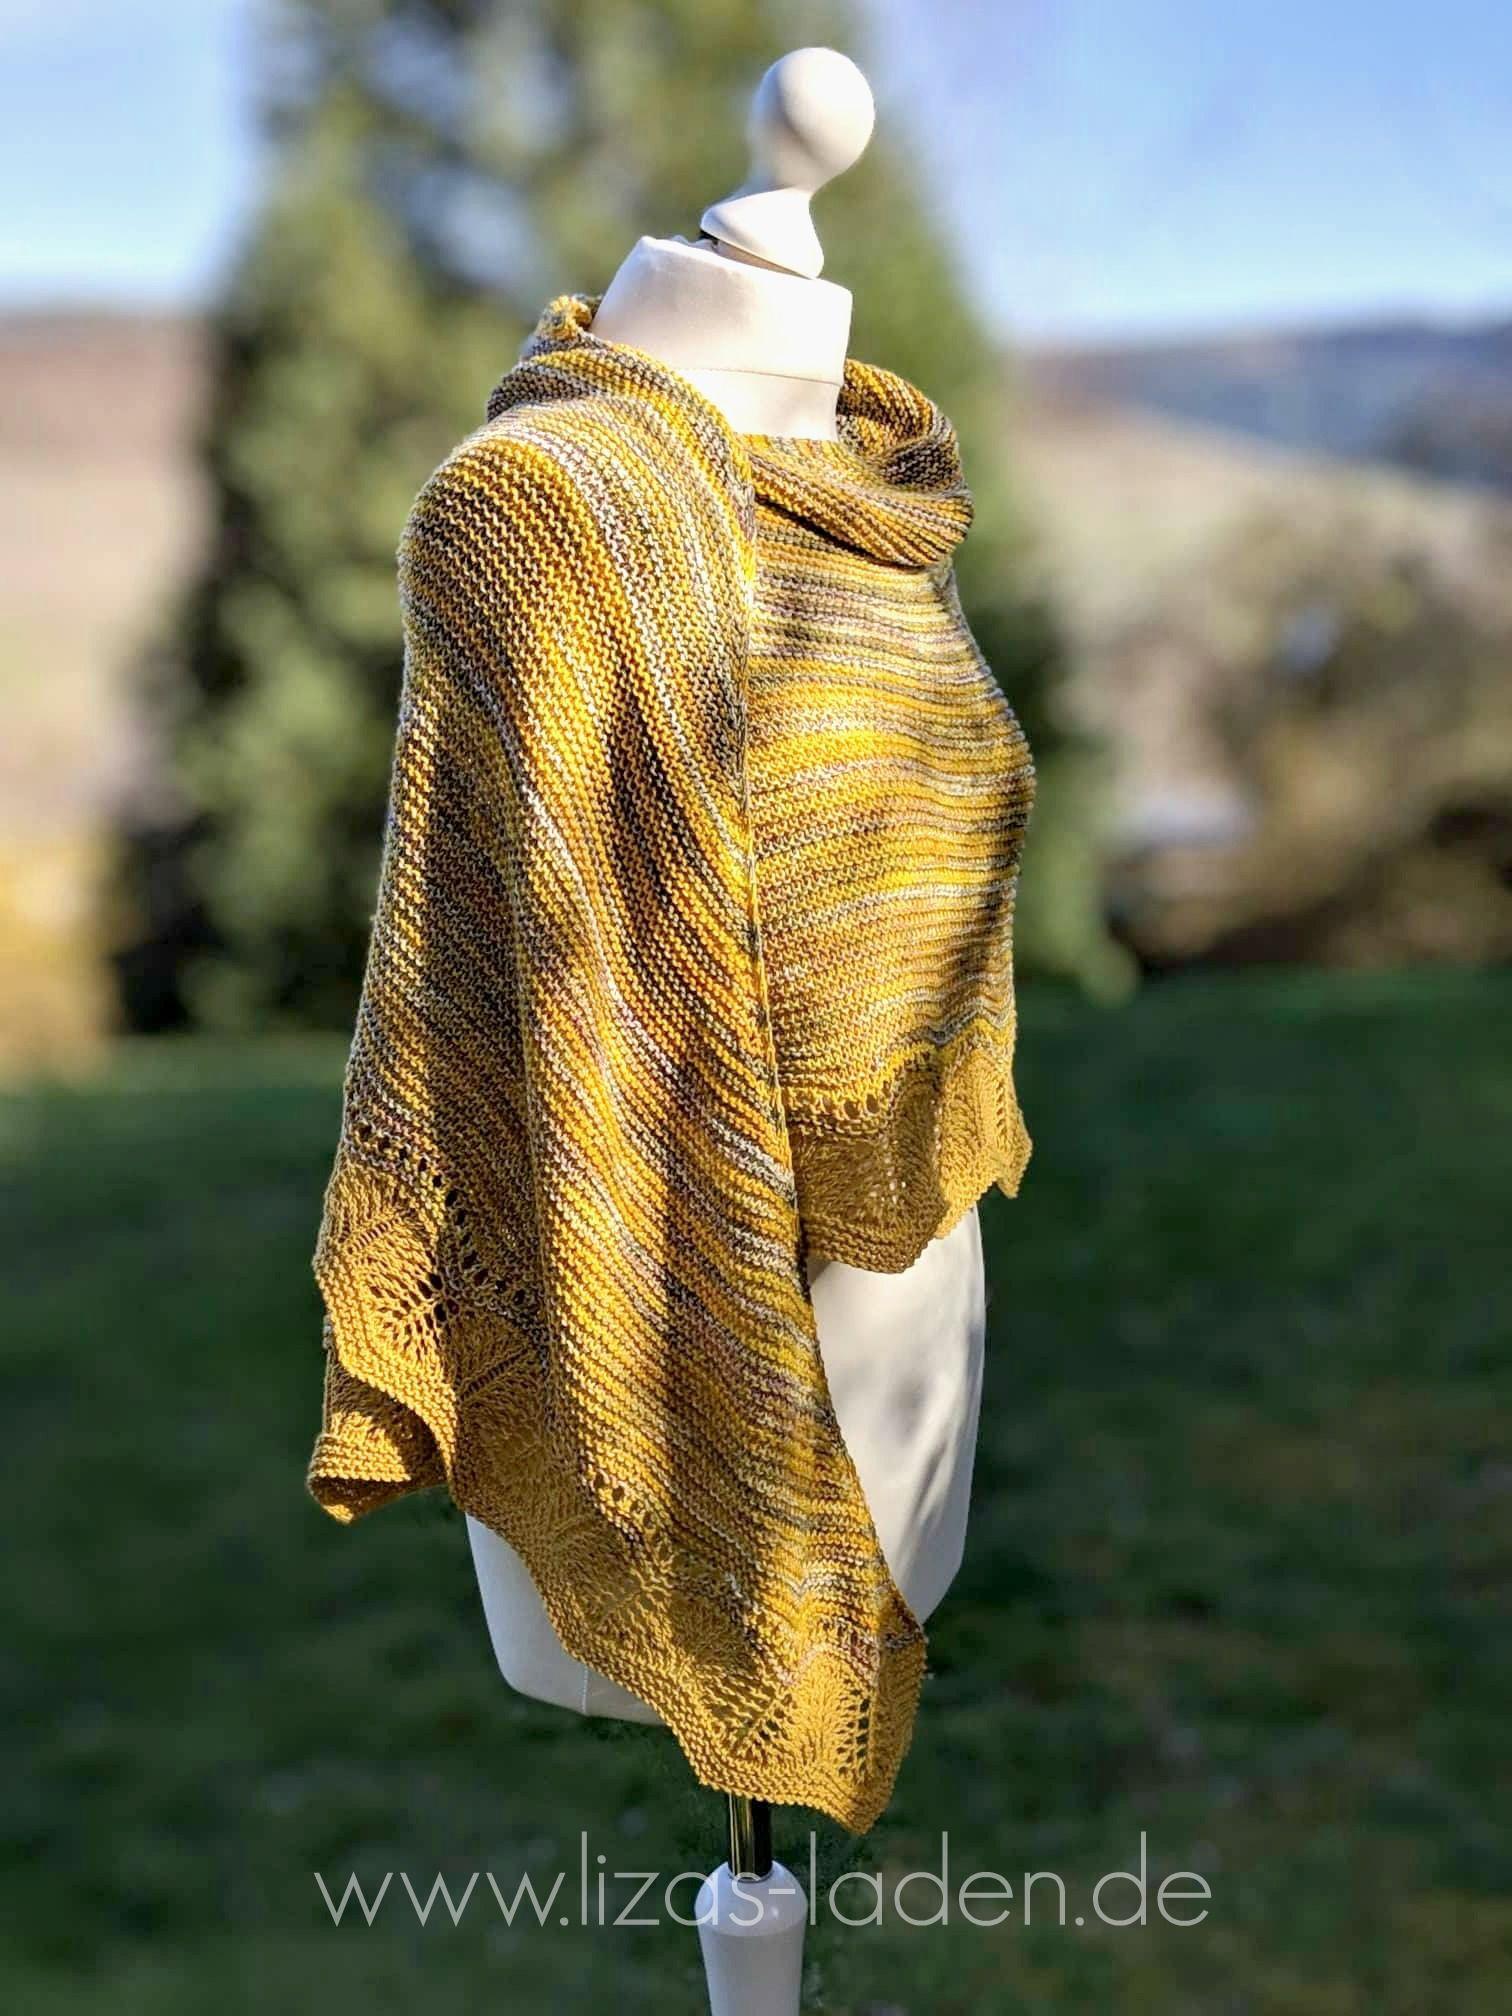 Strickanleitung Fur Ein Halbrundes Tuch Mit Einer Auffallenden